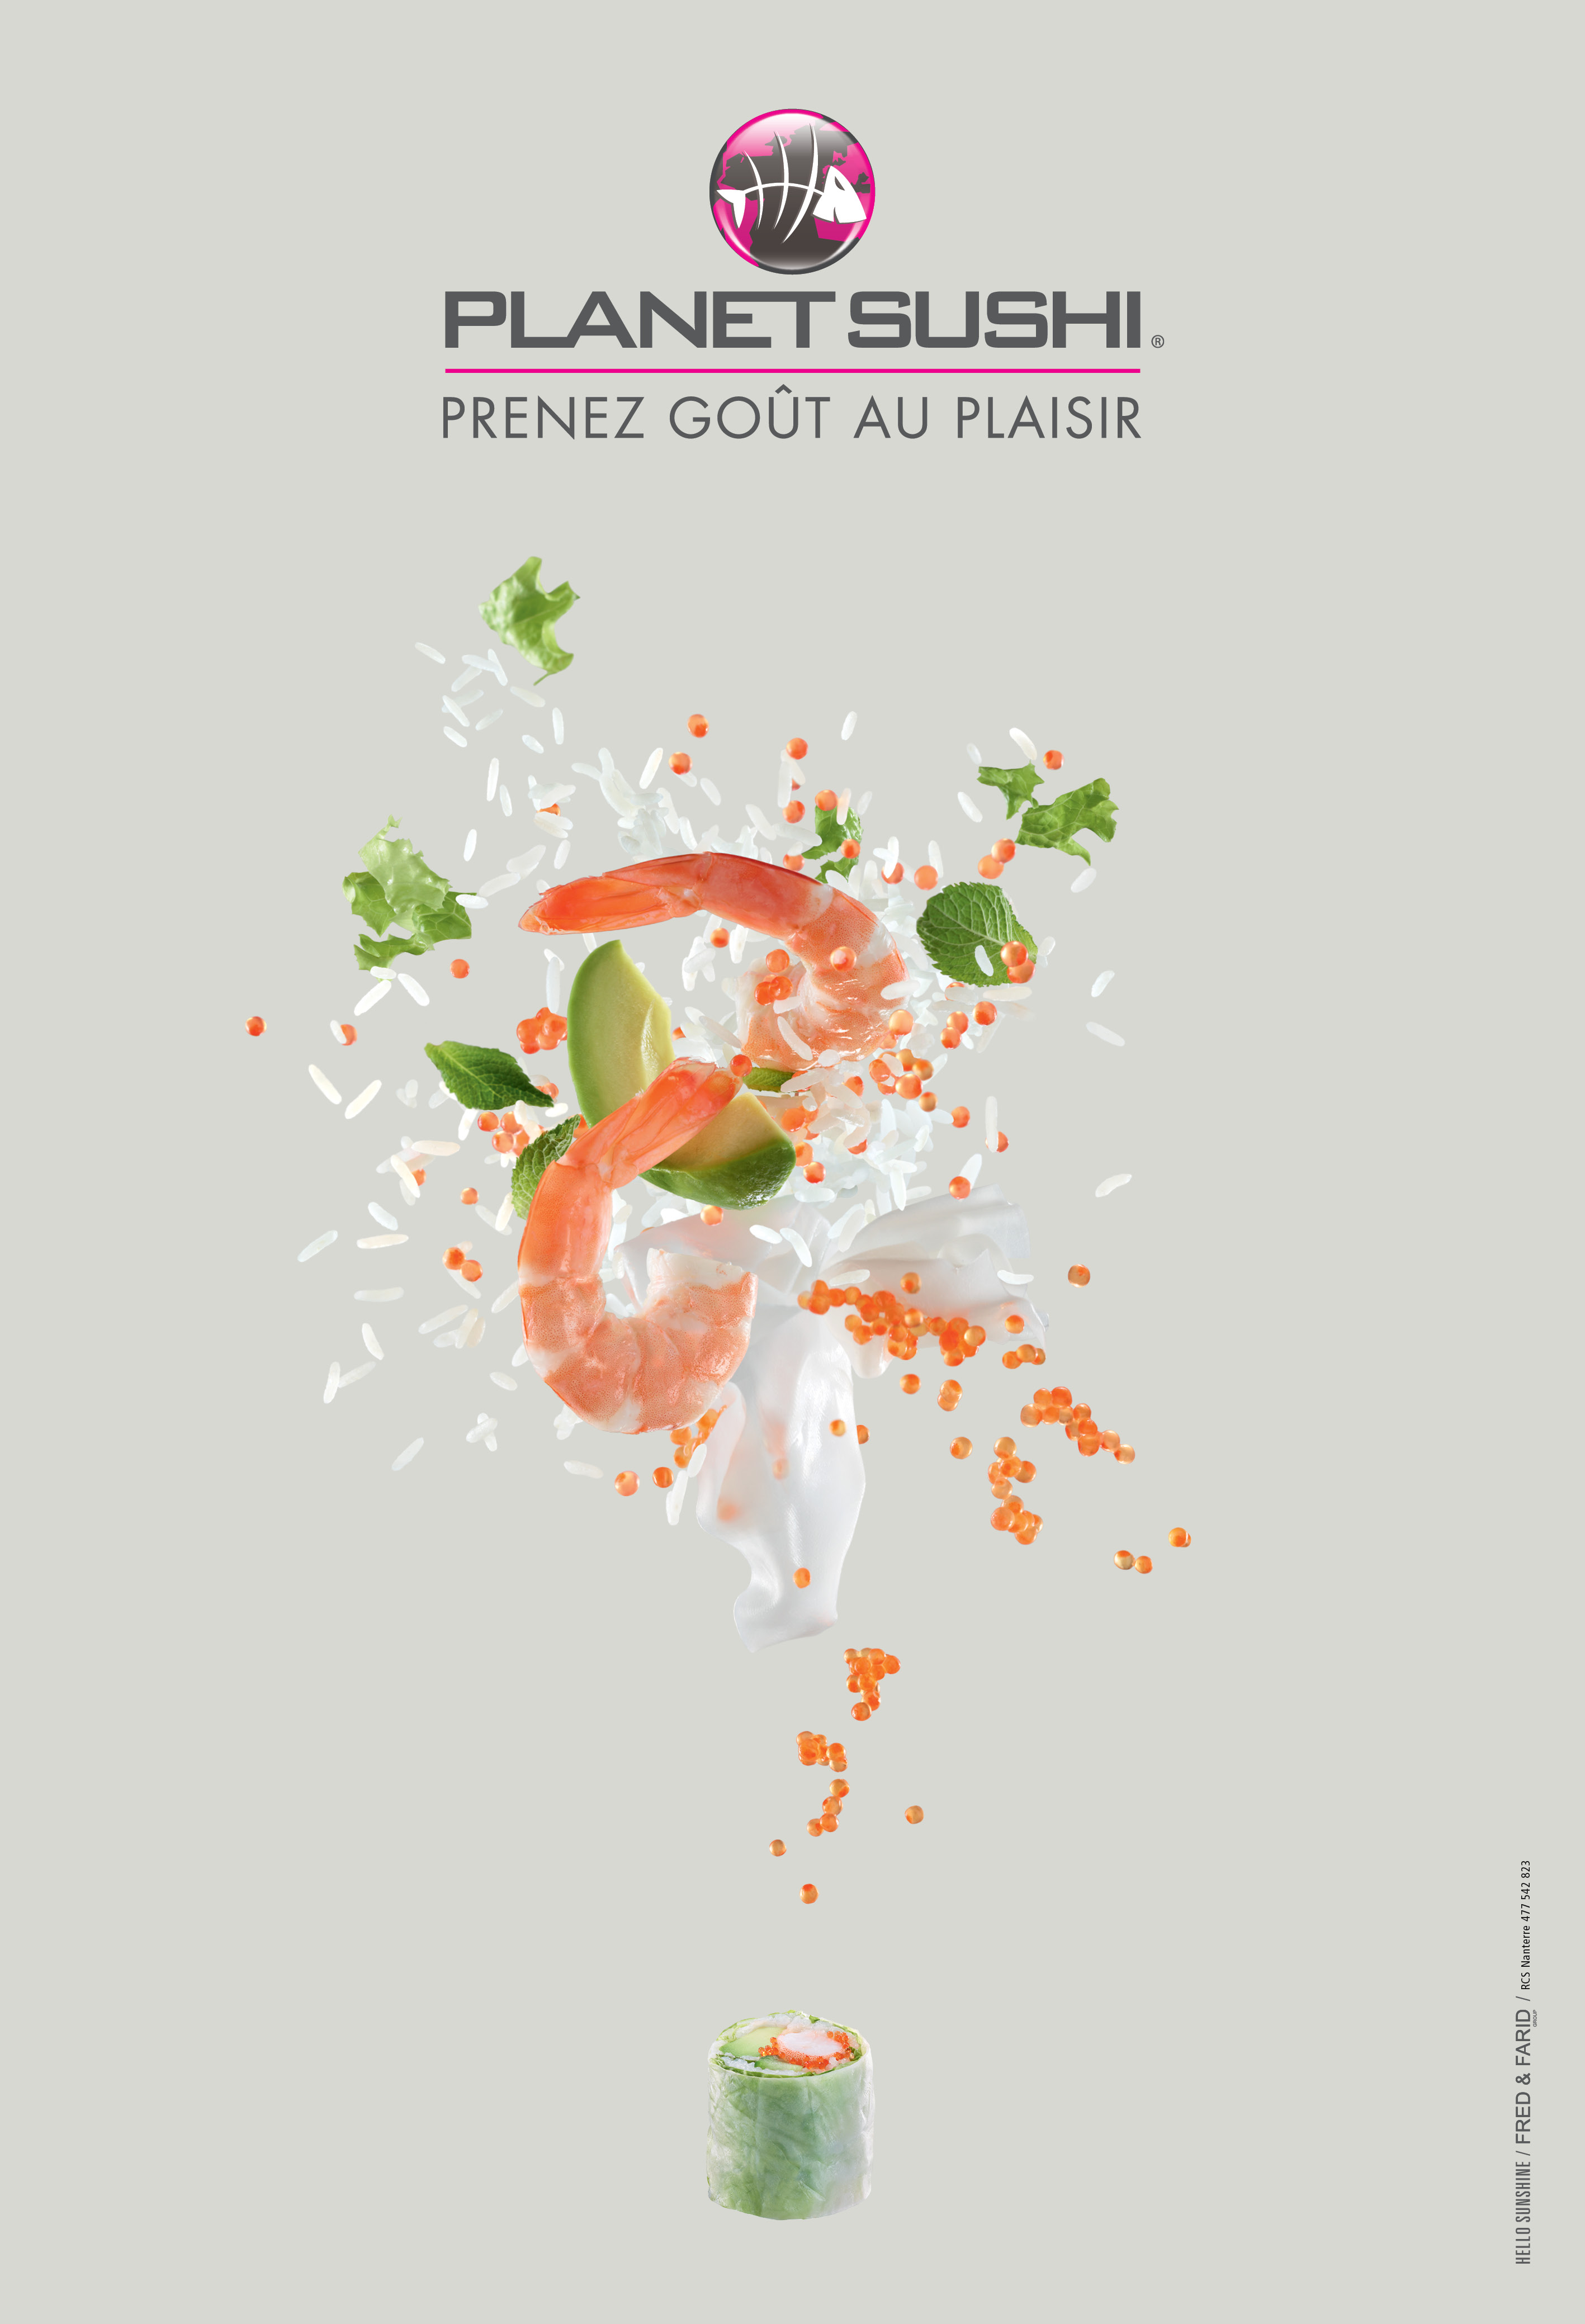 llllitl-planet-sushi-publicité-print-poisson-japonais-chinois-design-alimentaire-hello-sunshine-fred-et-farid